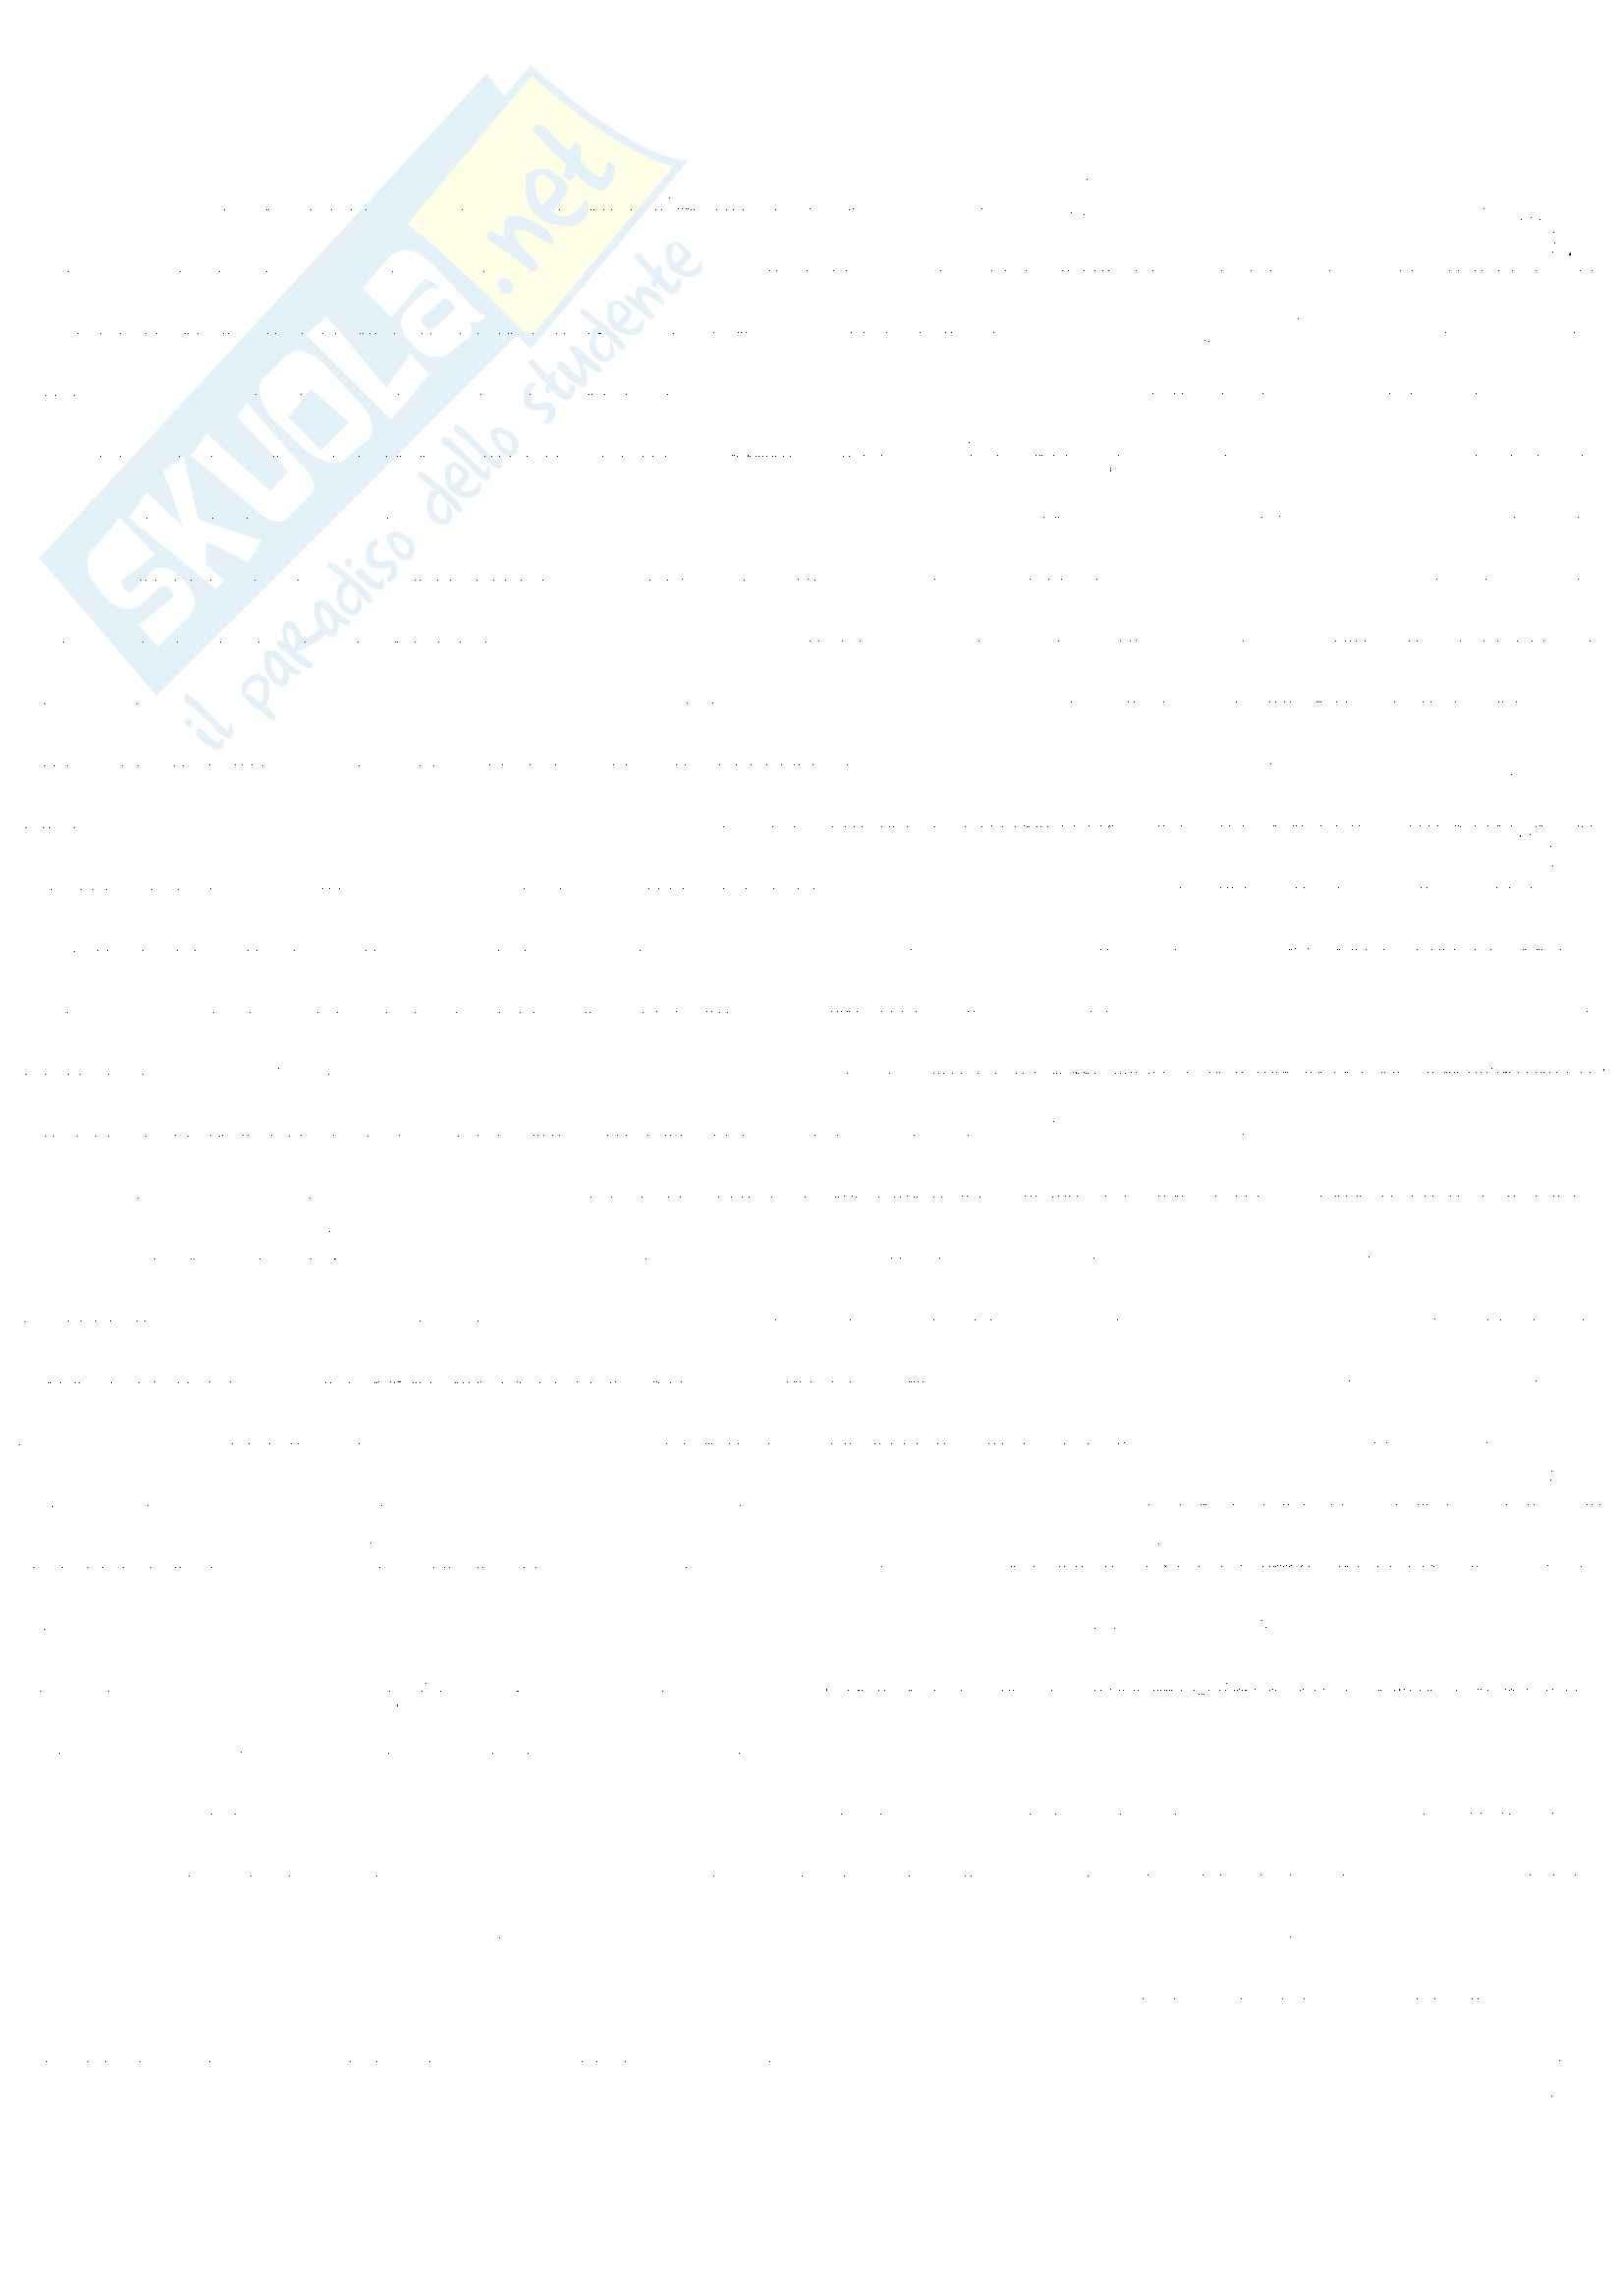 Matematica Discreta - Esercizi Pag. 6